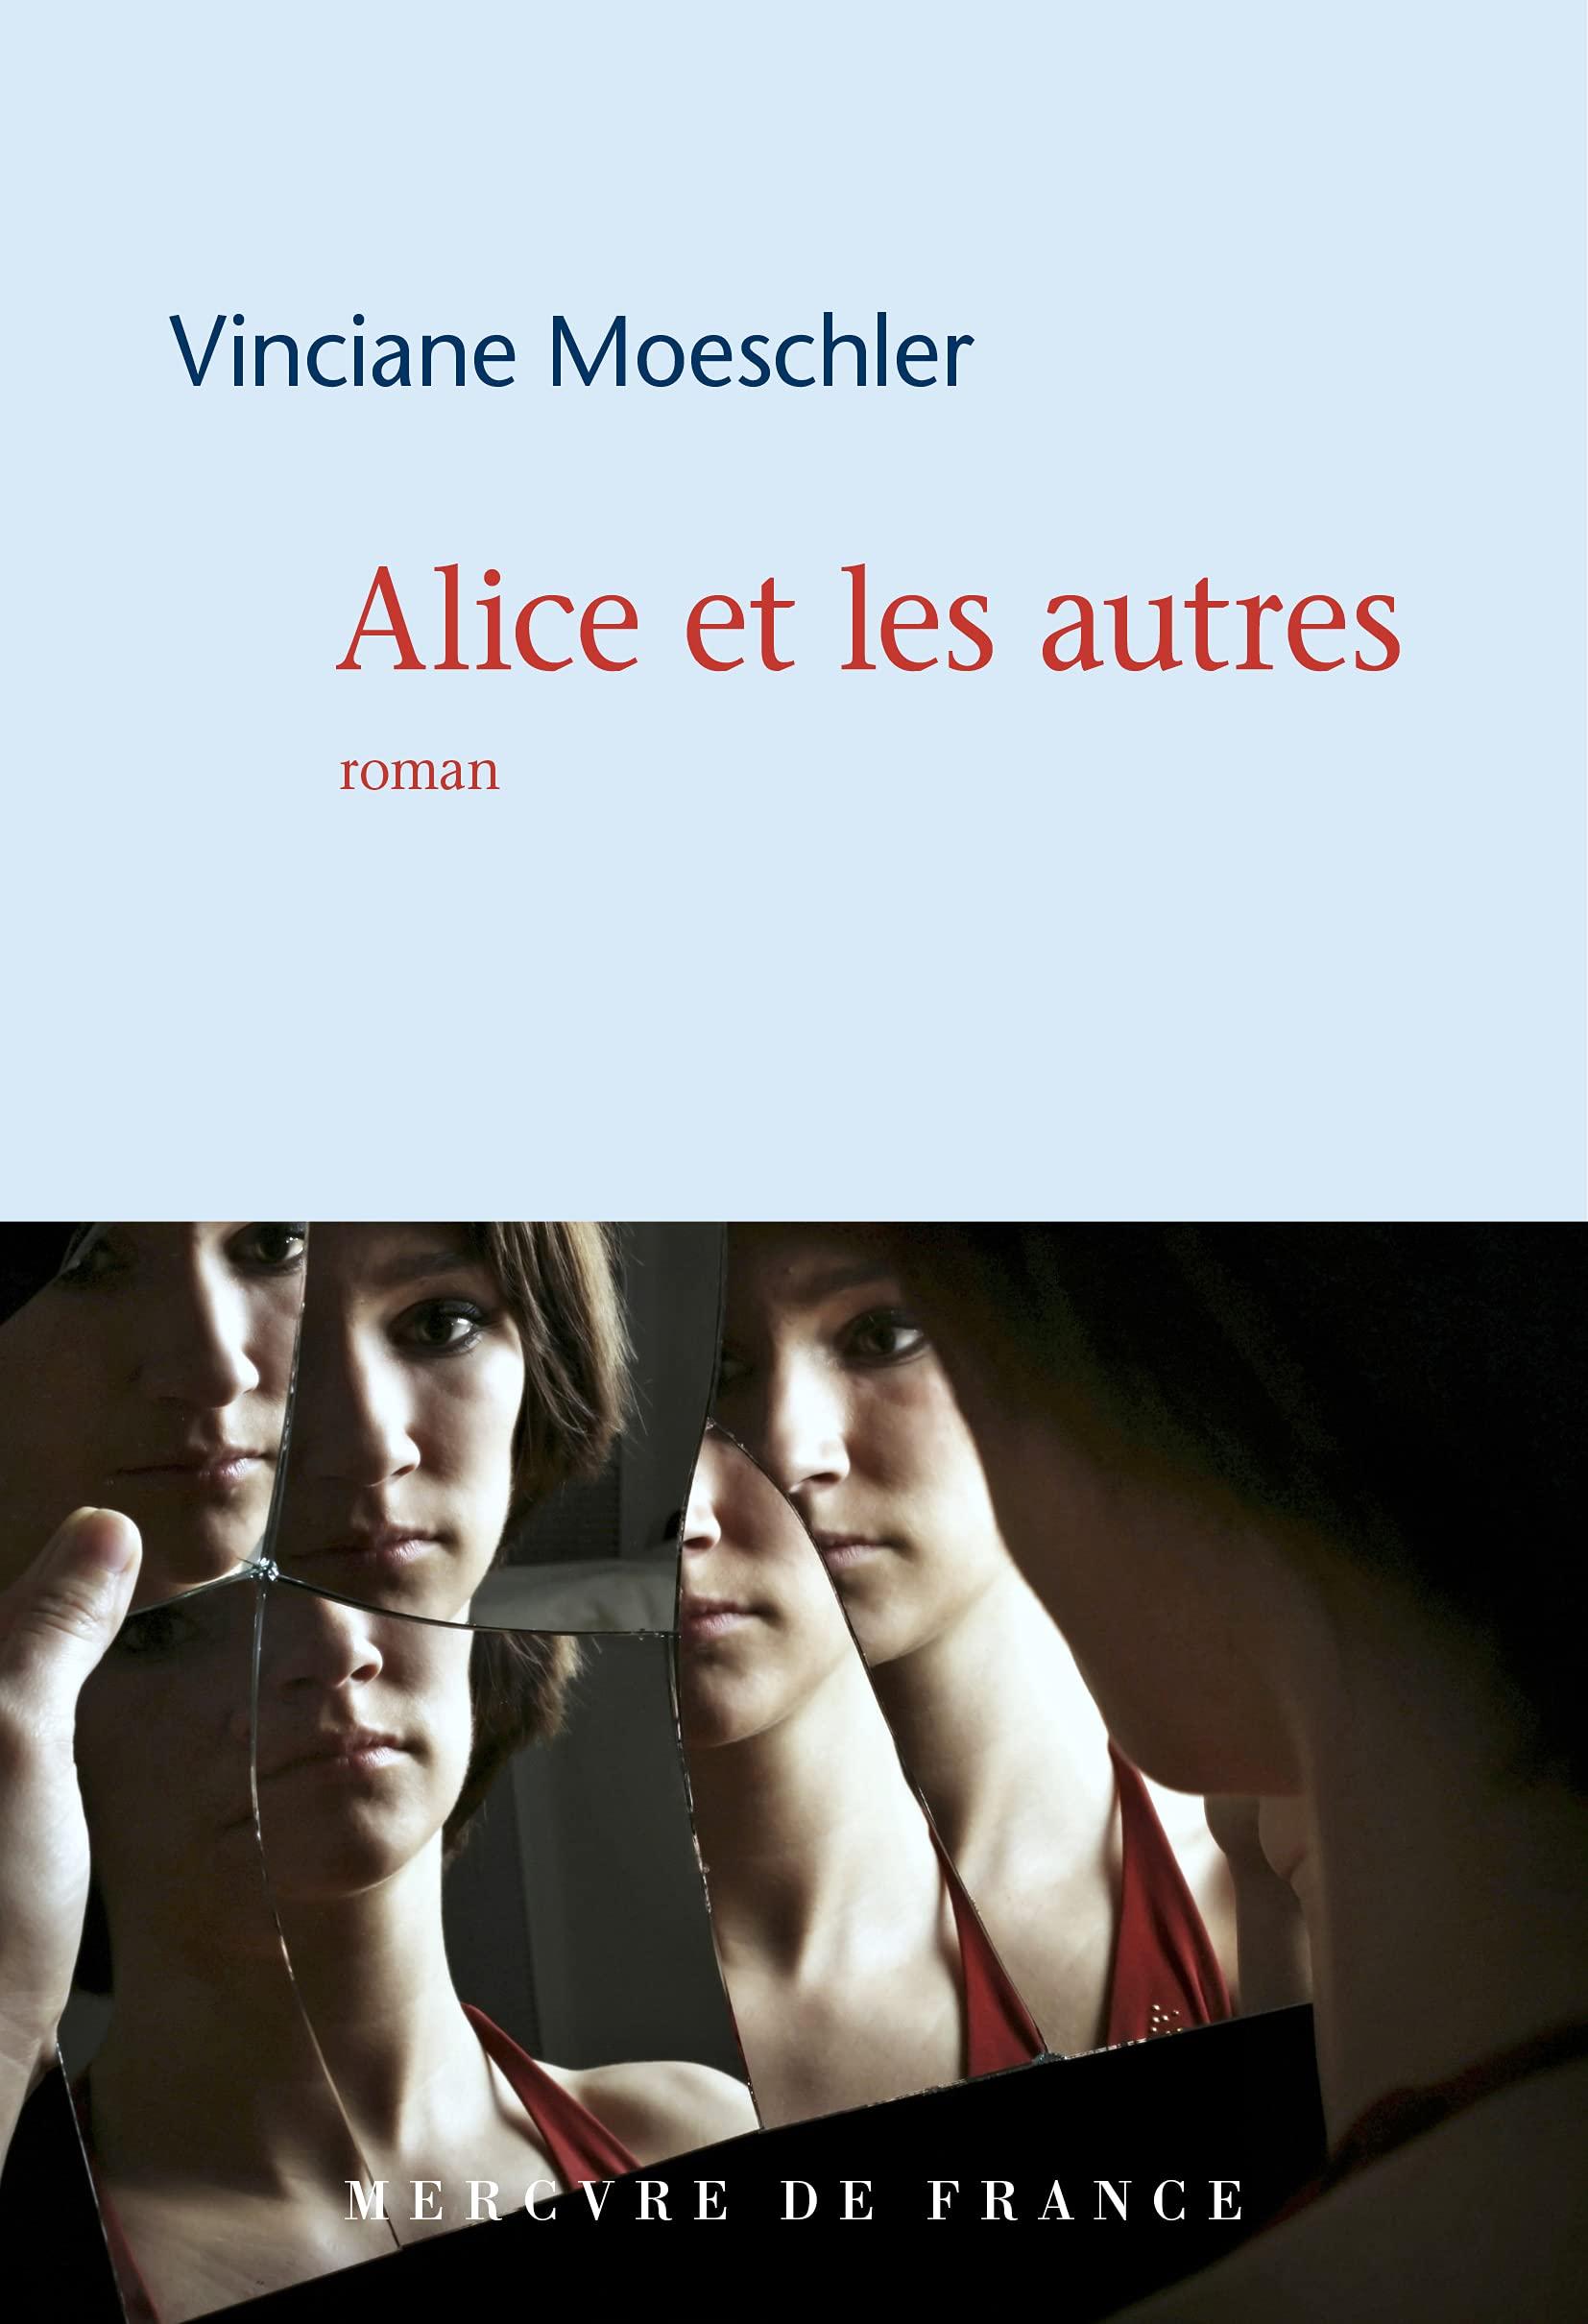 Alice et les autres